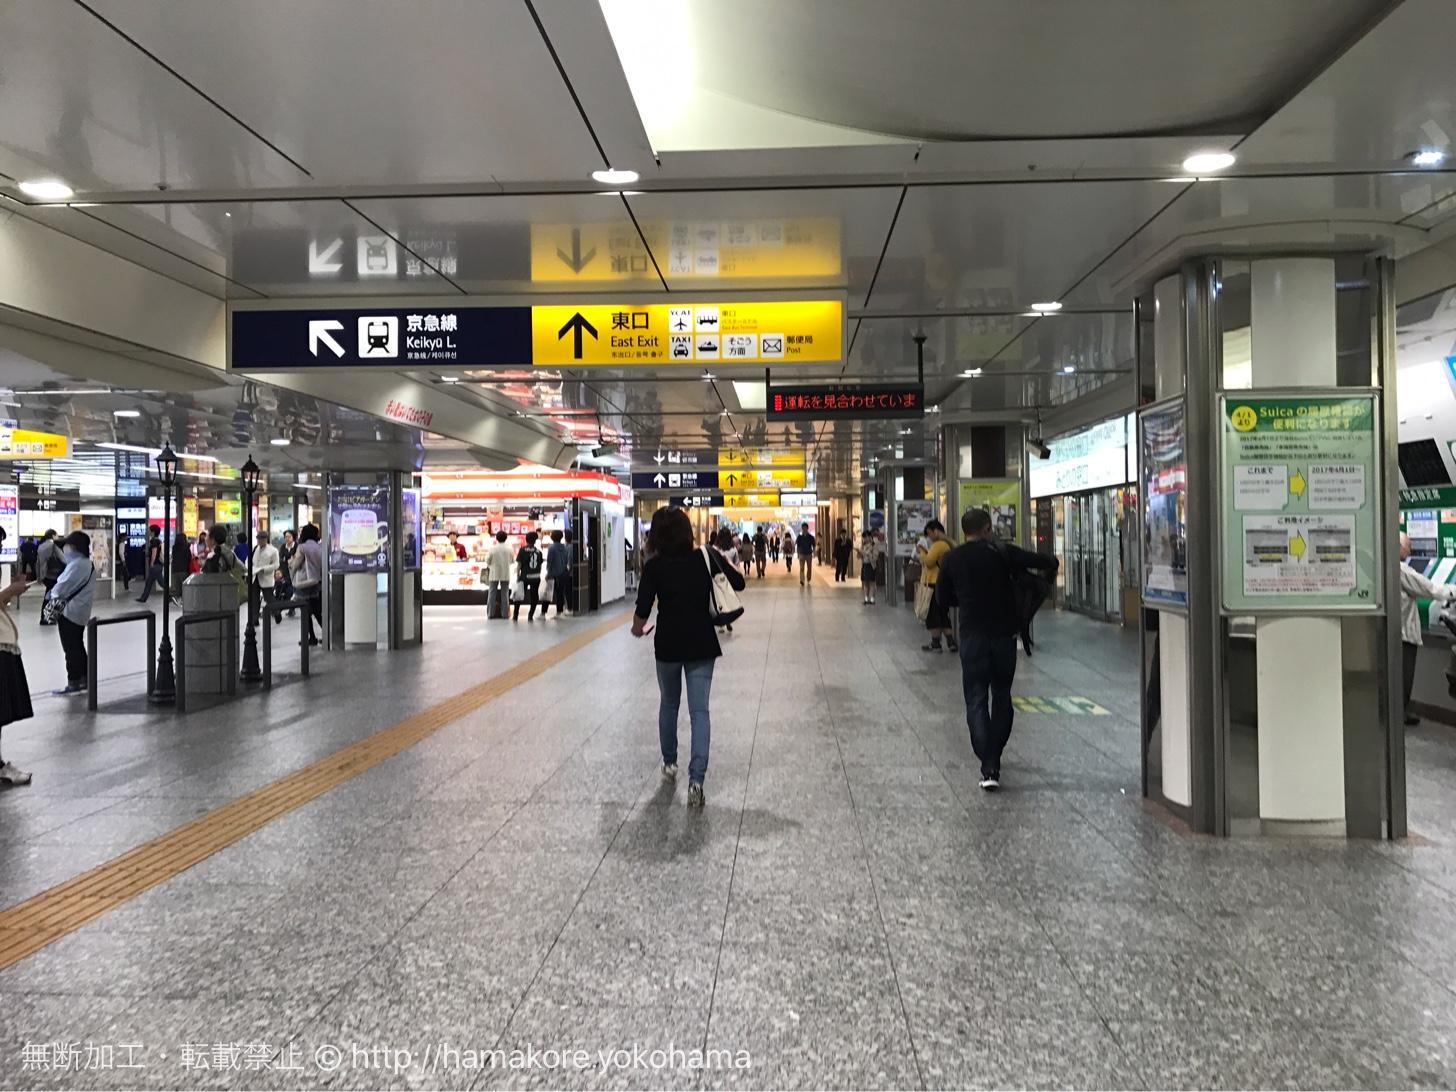 横浜駅 中央通路